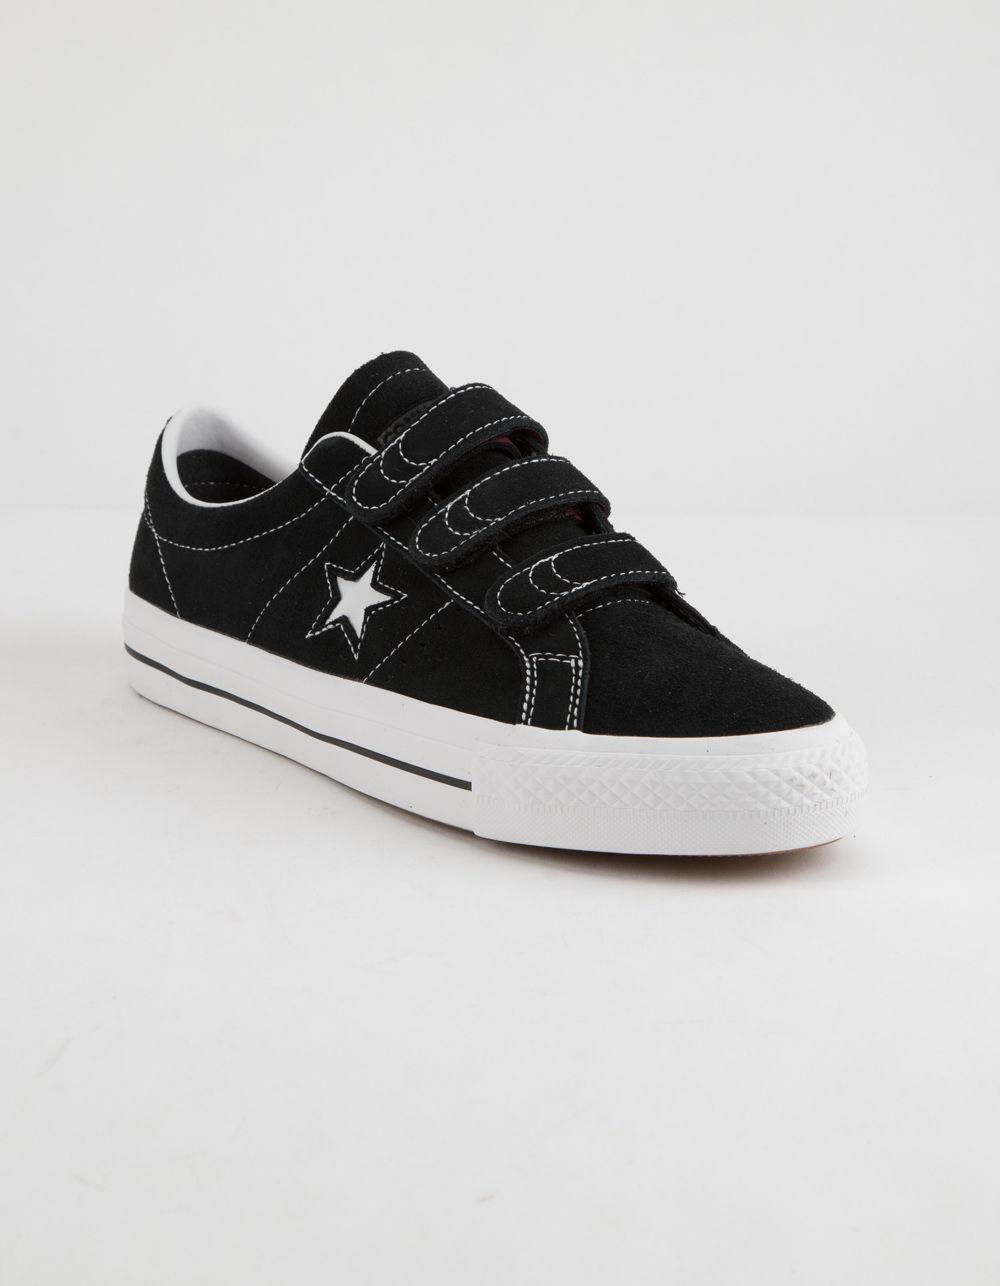 Lyst - Converse One Star Pro 3v Ox Black   White Shoes in Black for Men e35fa96da